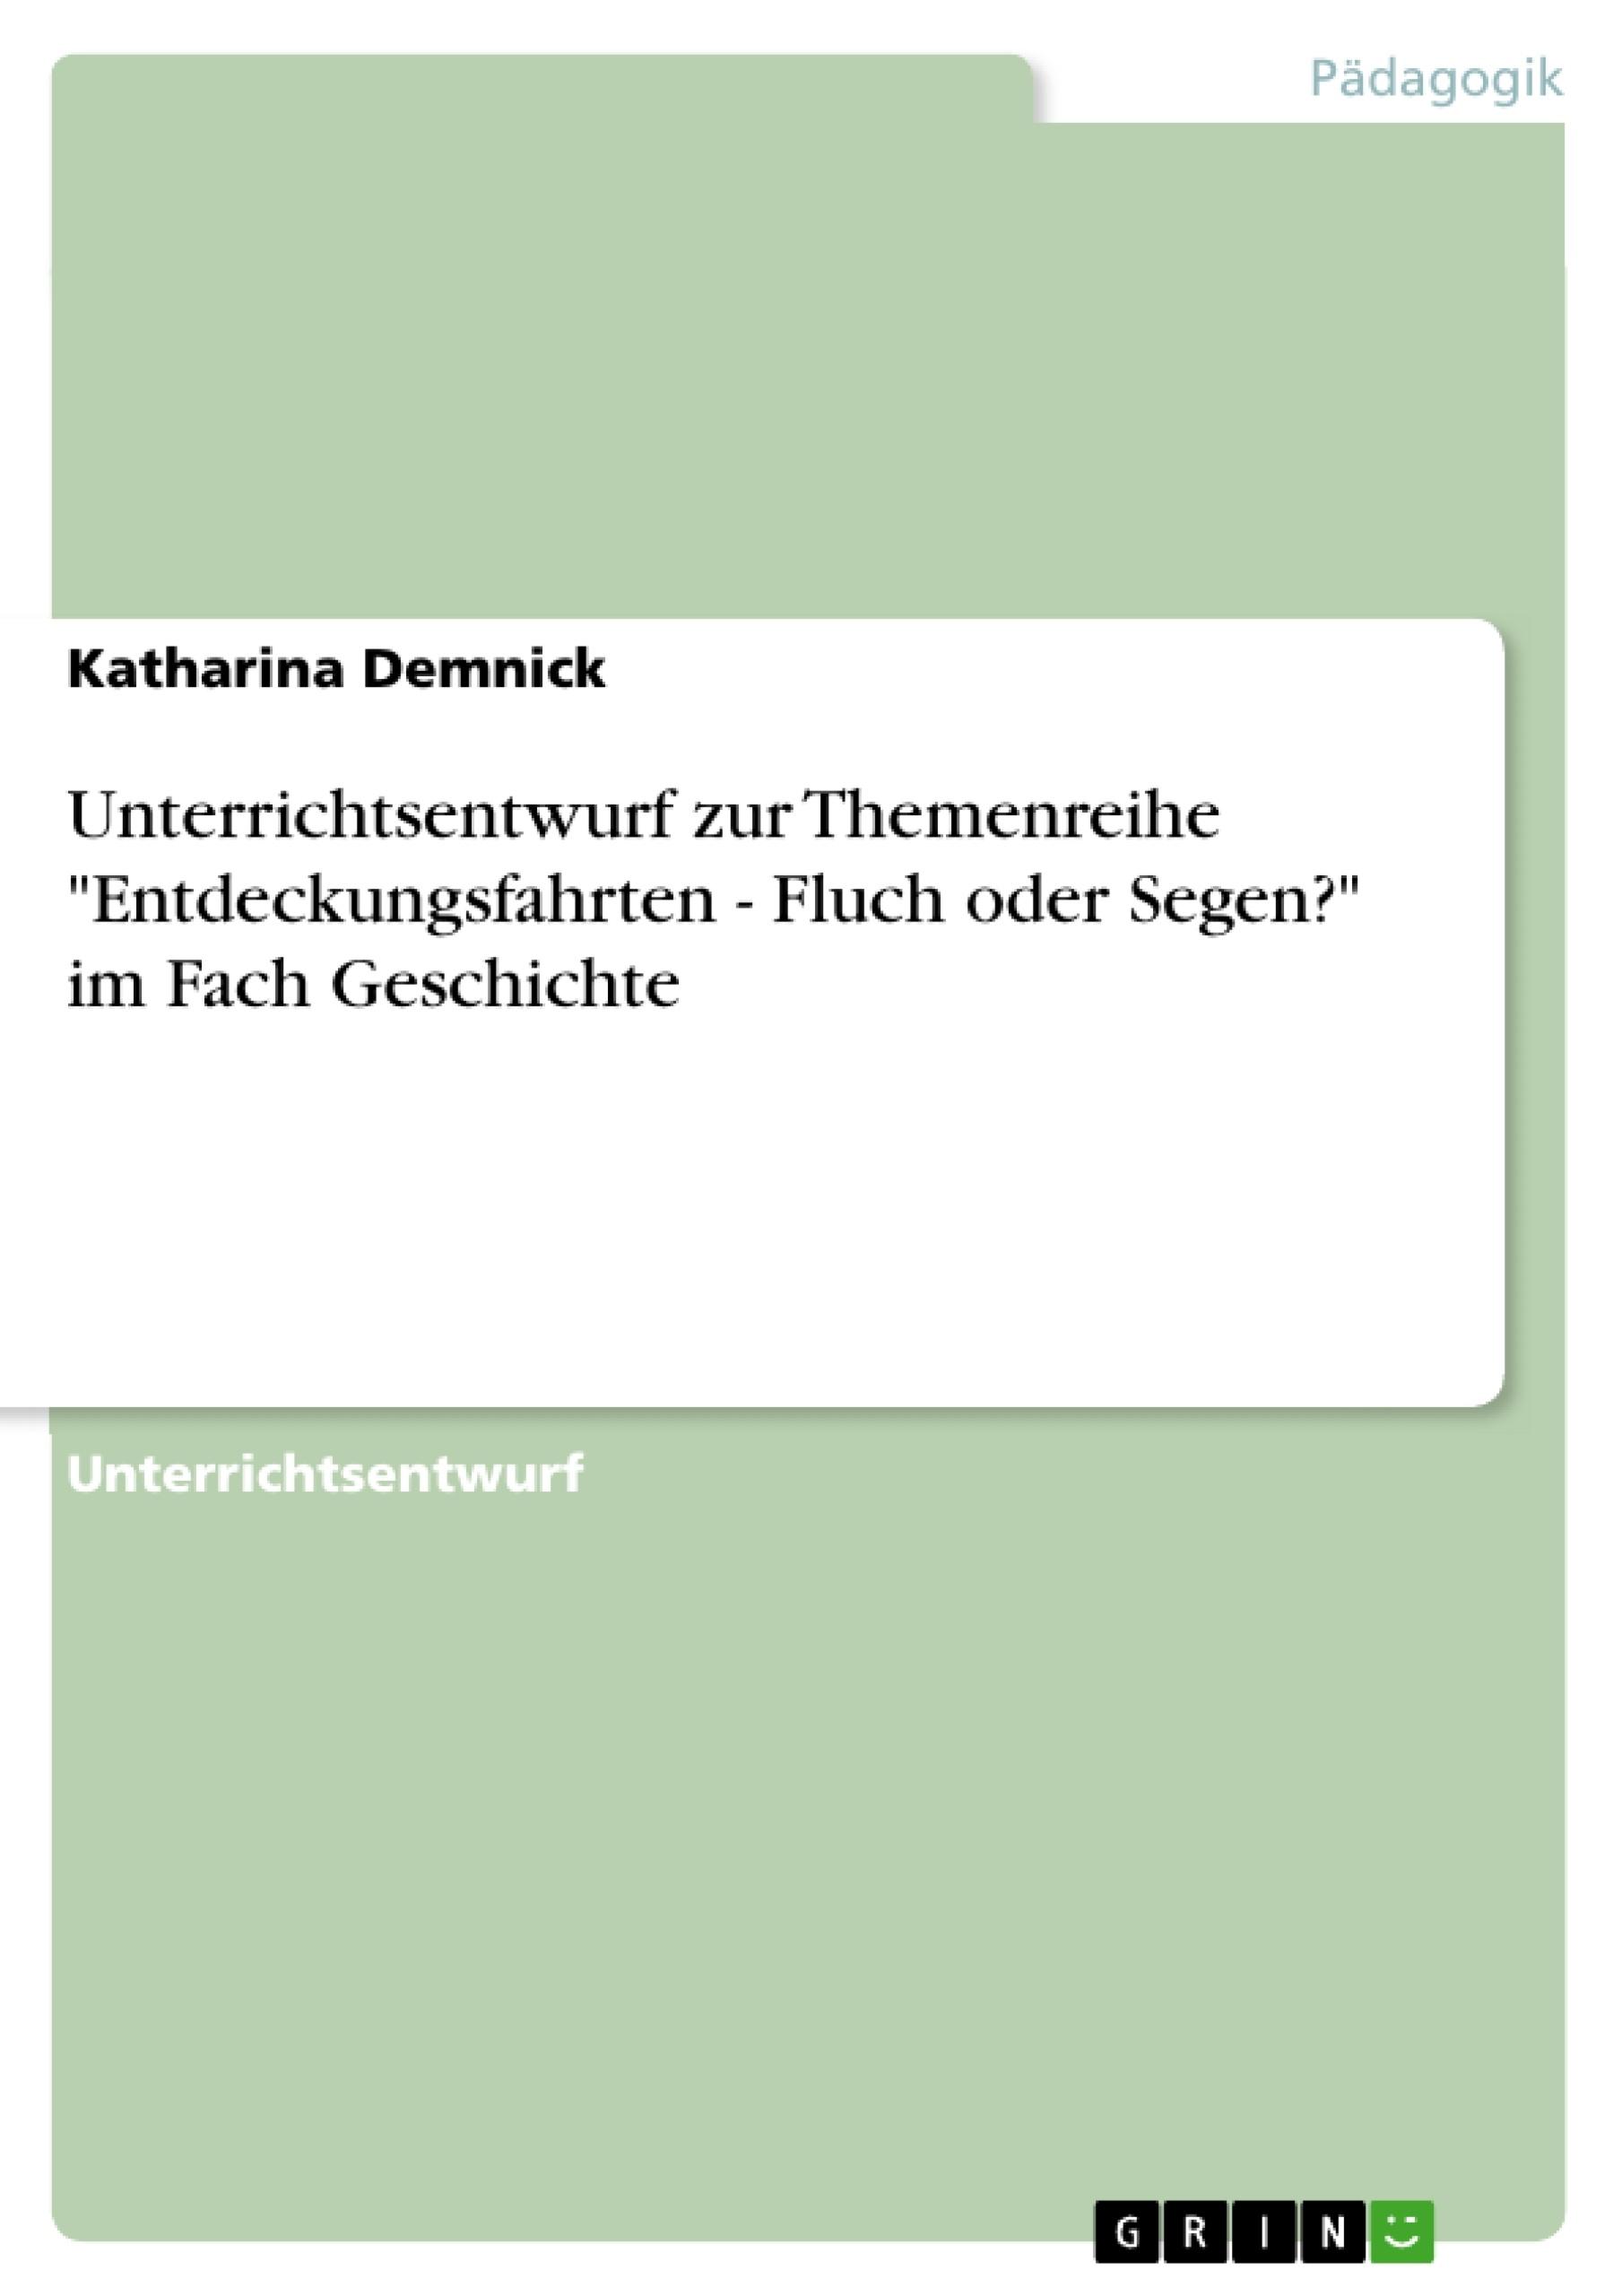 """Titel: Unterrichtsentwurf zur Themenreihe """"Entdeckungsfahrten - Fluch oder Segen?"""" im Fach Geschichte"""